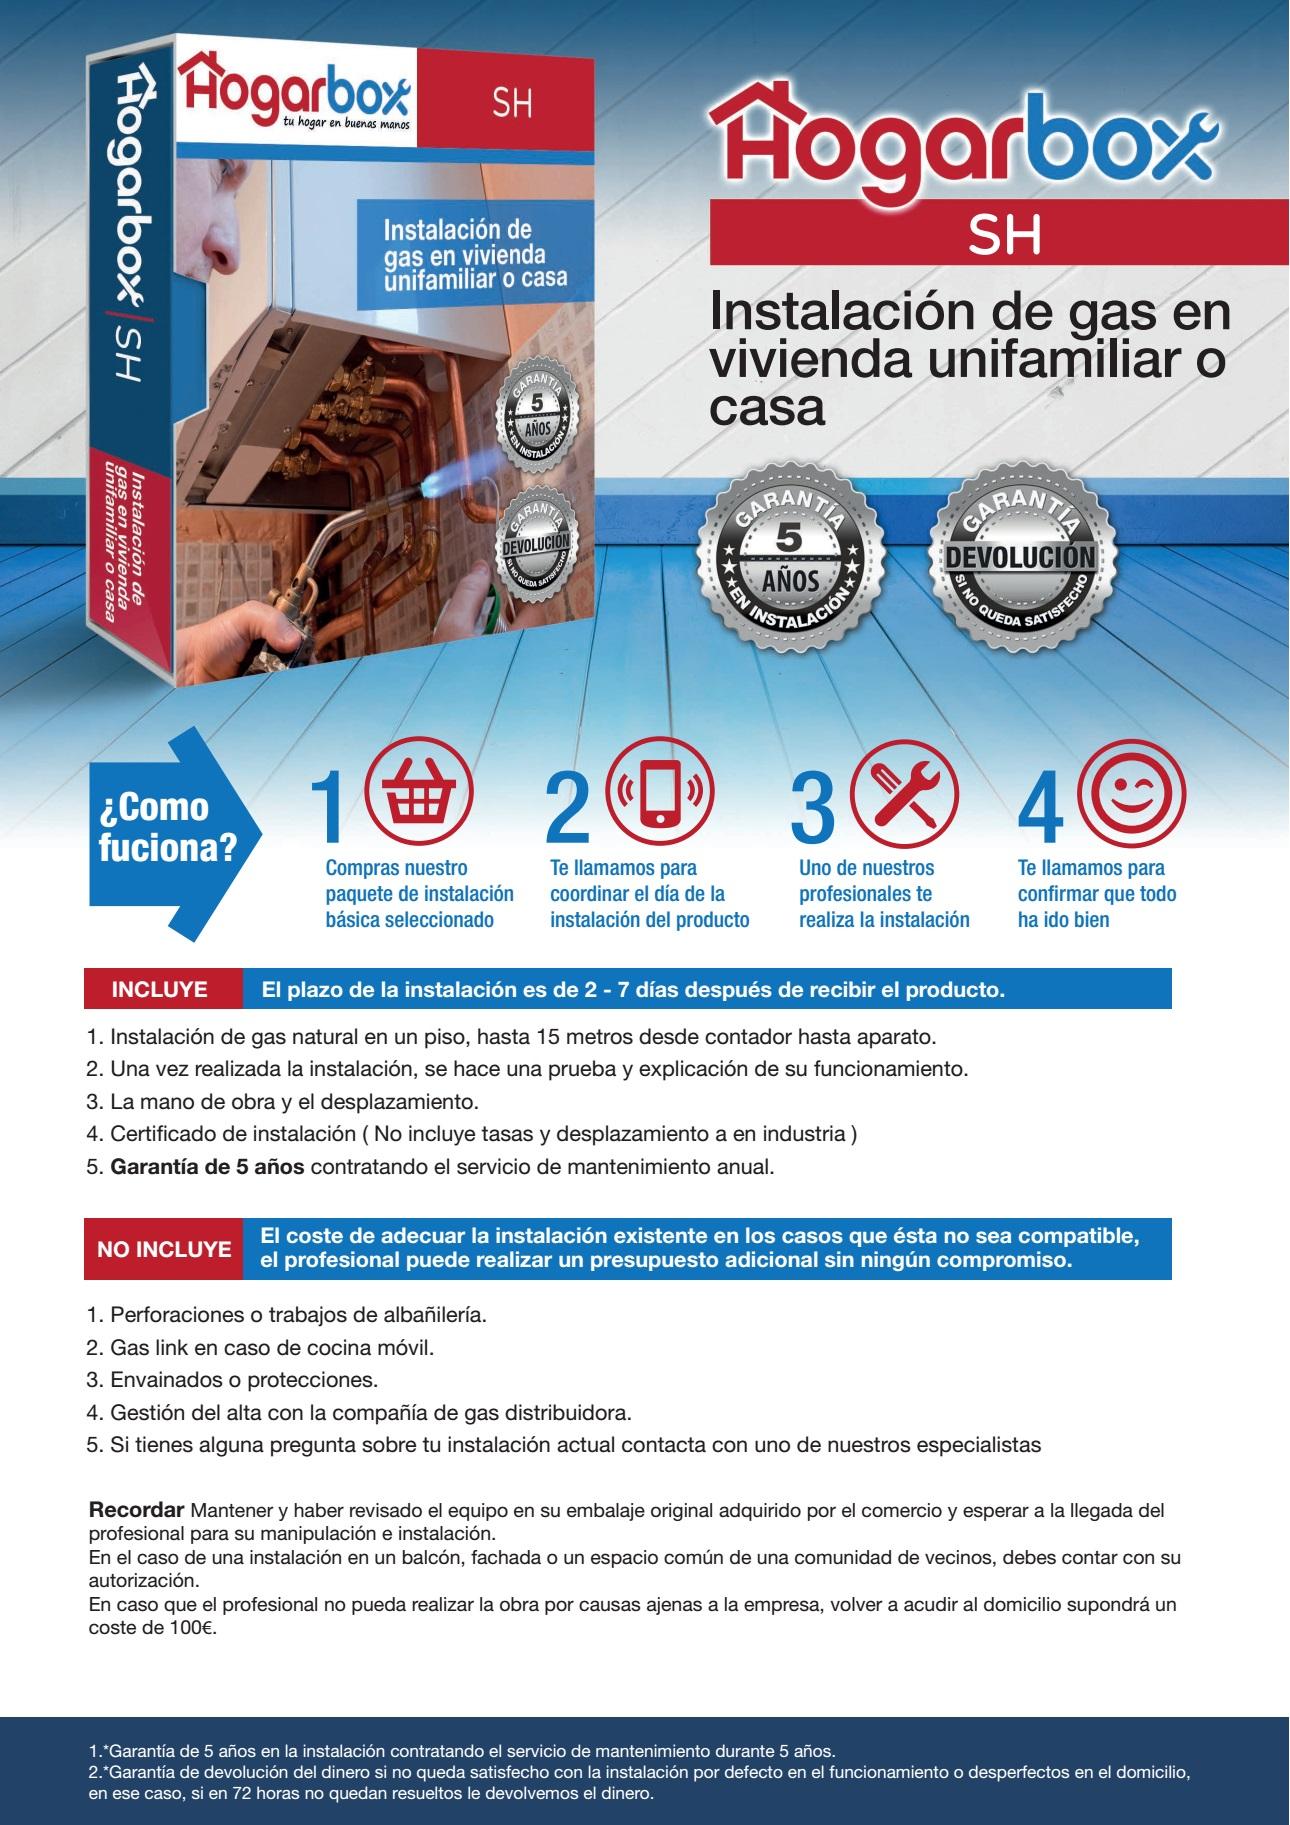 Hogarbox sh precio instalaci n gas natural vivienda for Gas natural en casa